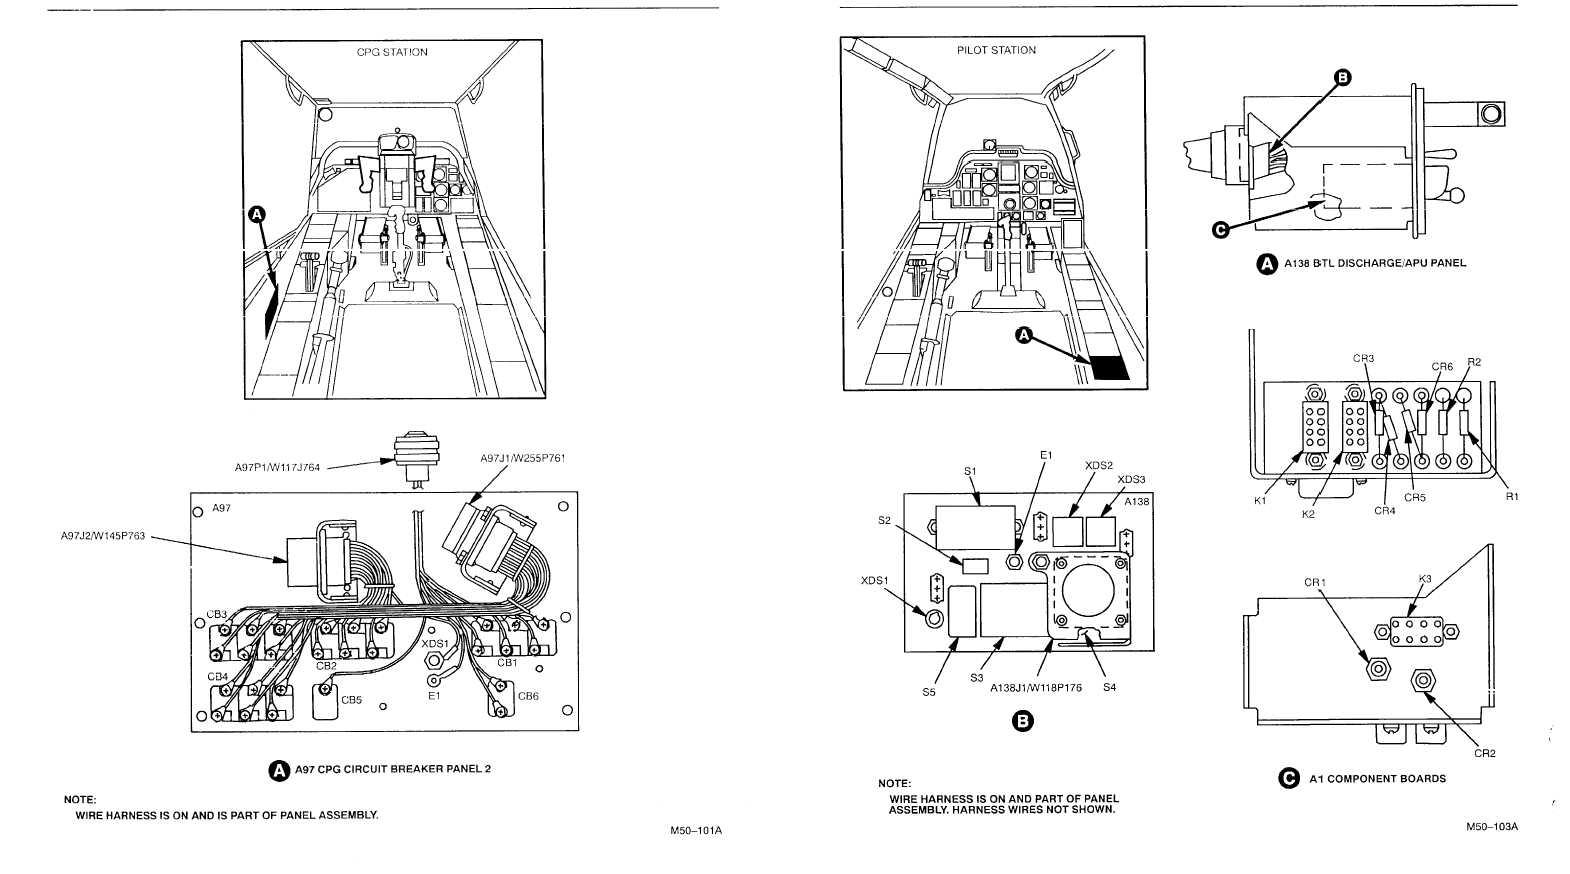 27 81 Wire Harness W615